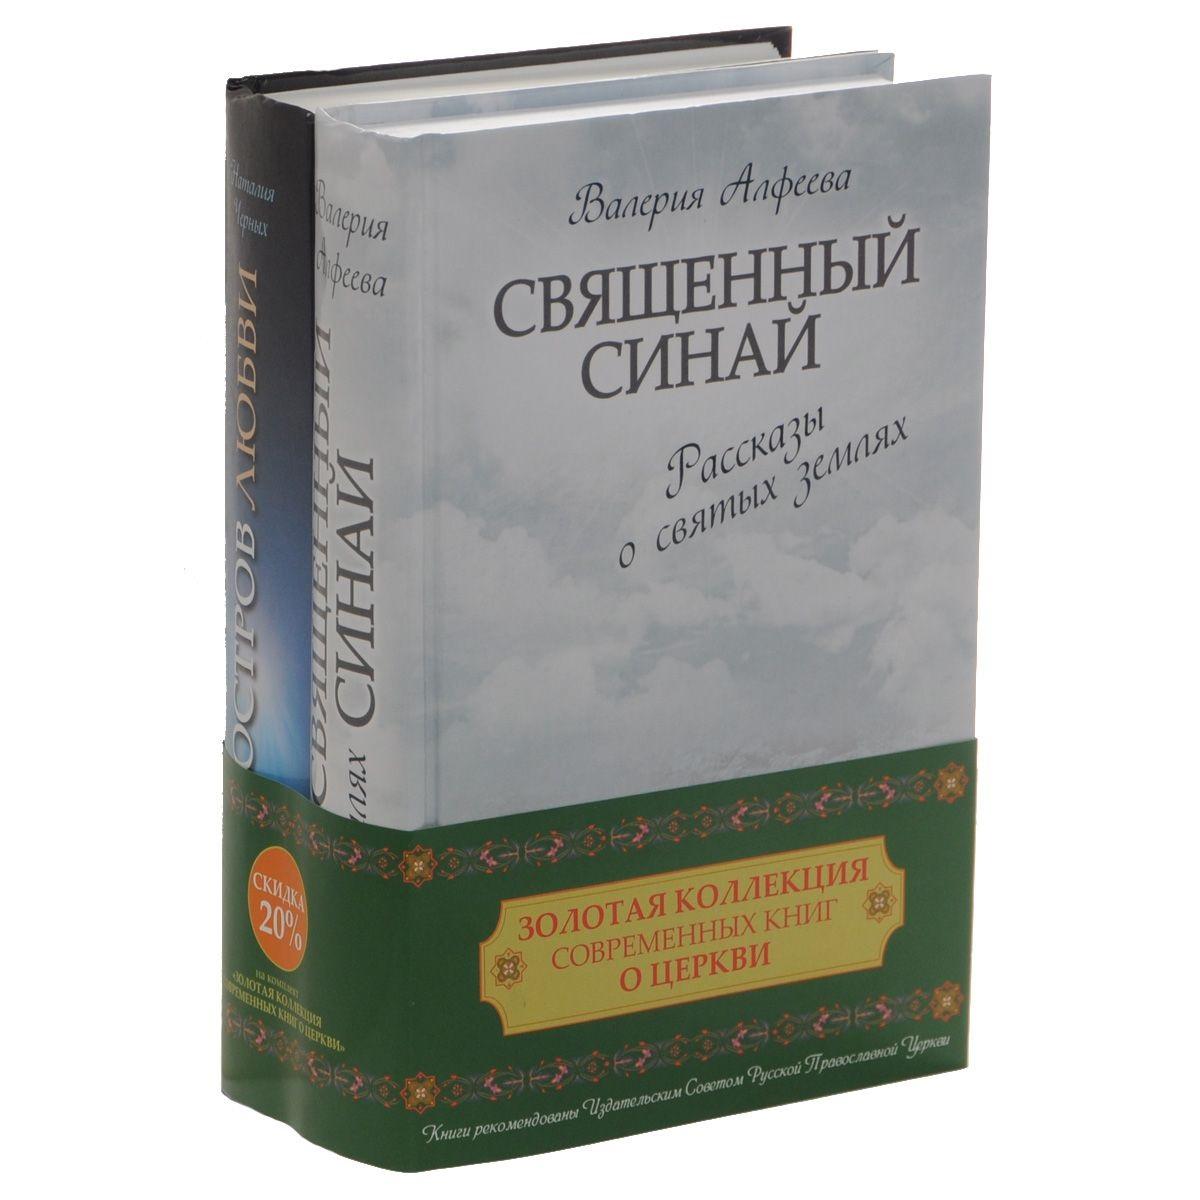 Золотая коллекция современных книг о церкви - 2